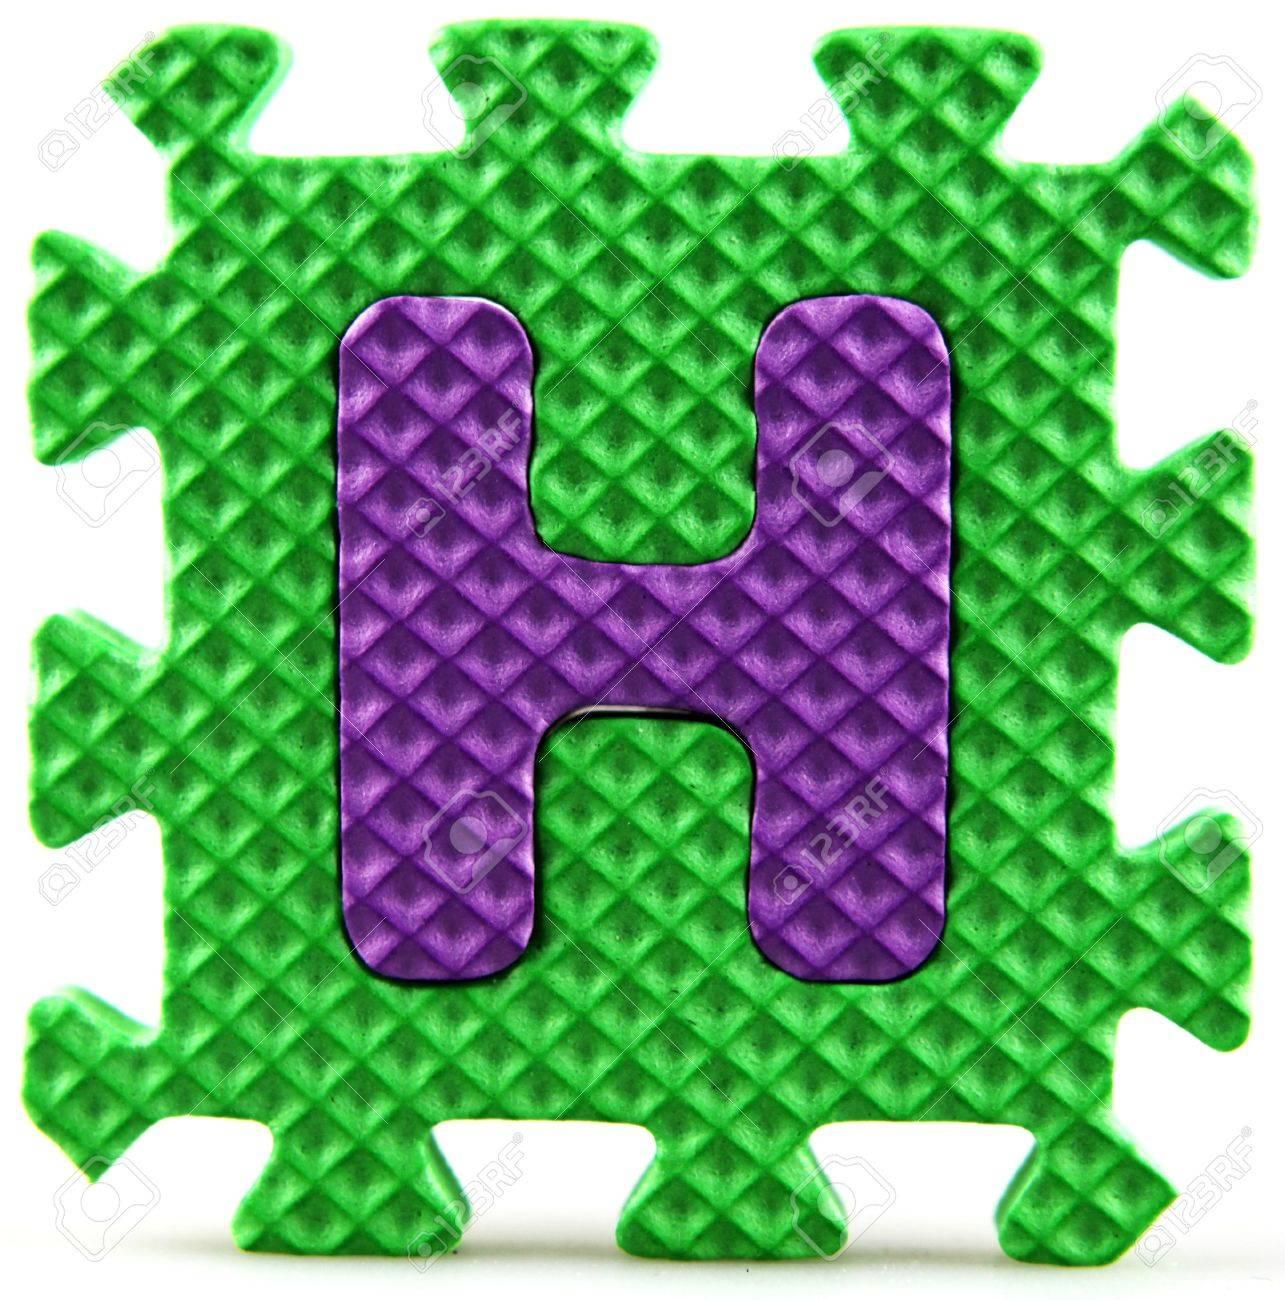 Puzzle Piece Font Alphabet Puzzle Pieces on